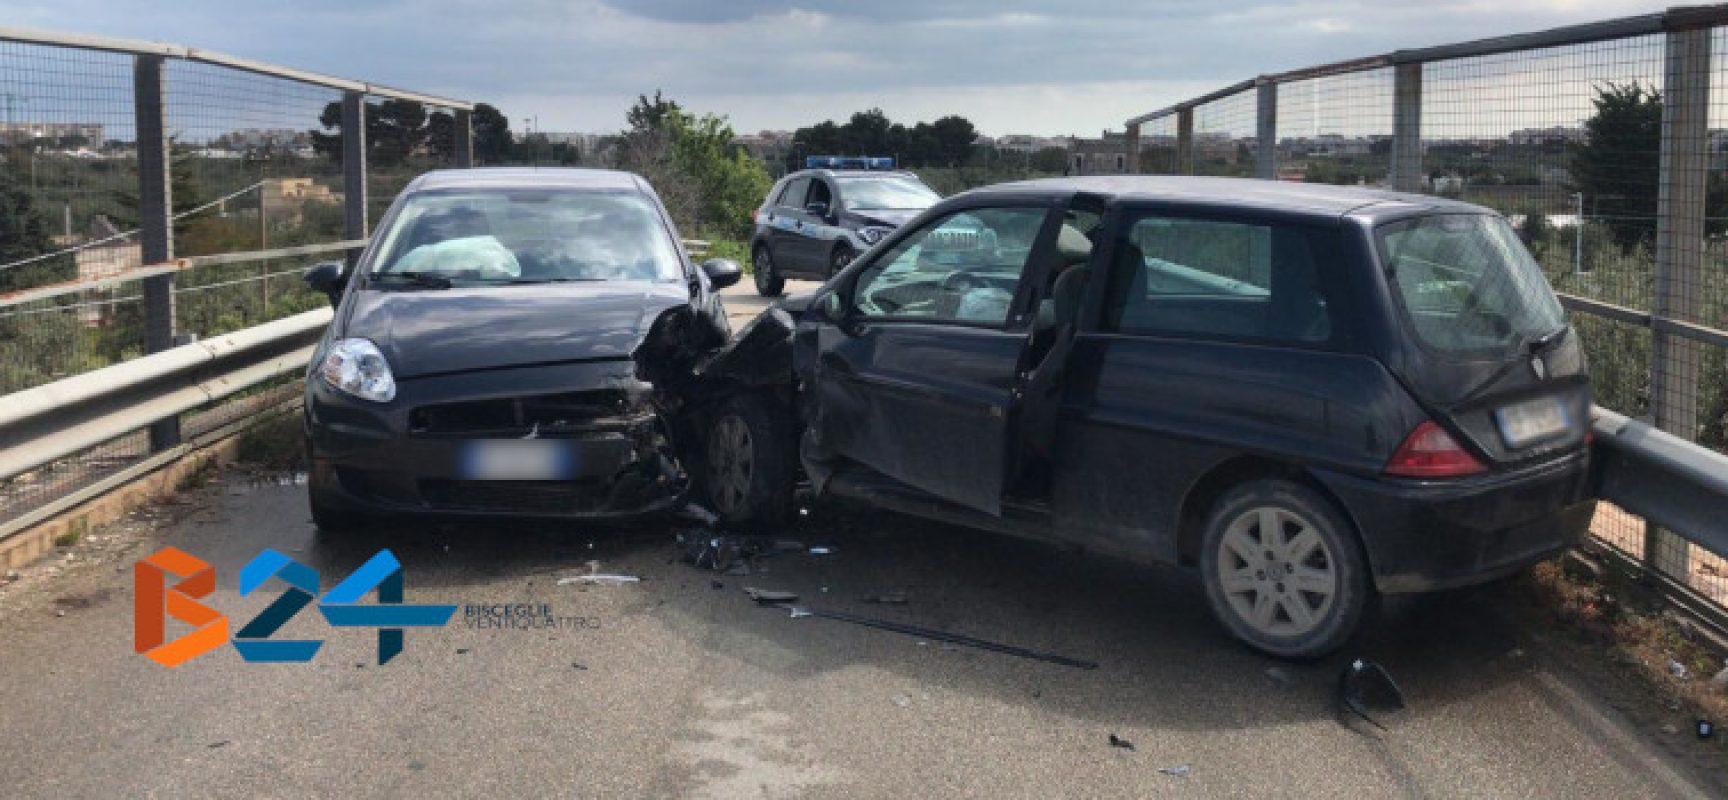 Scontro frontale sul cavalcavia di via Crosta, tre feriti in ospedale